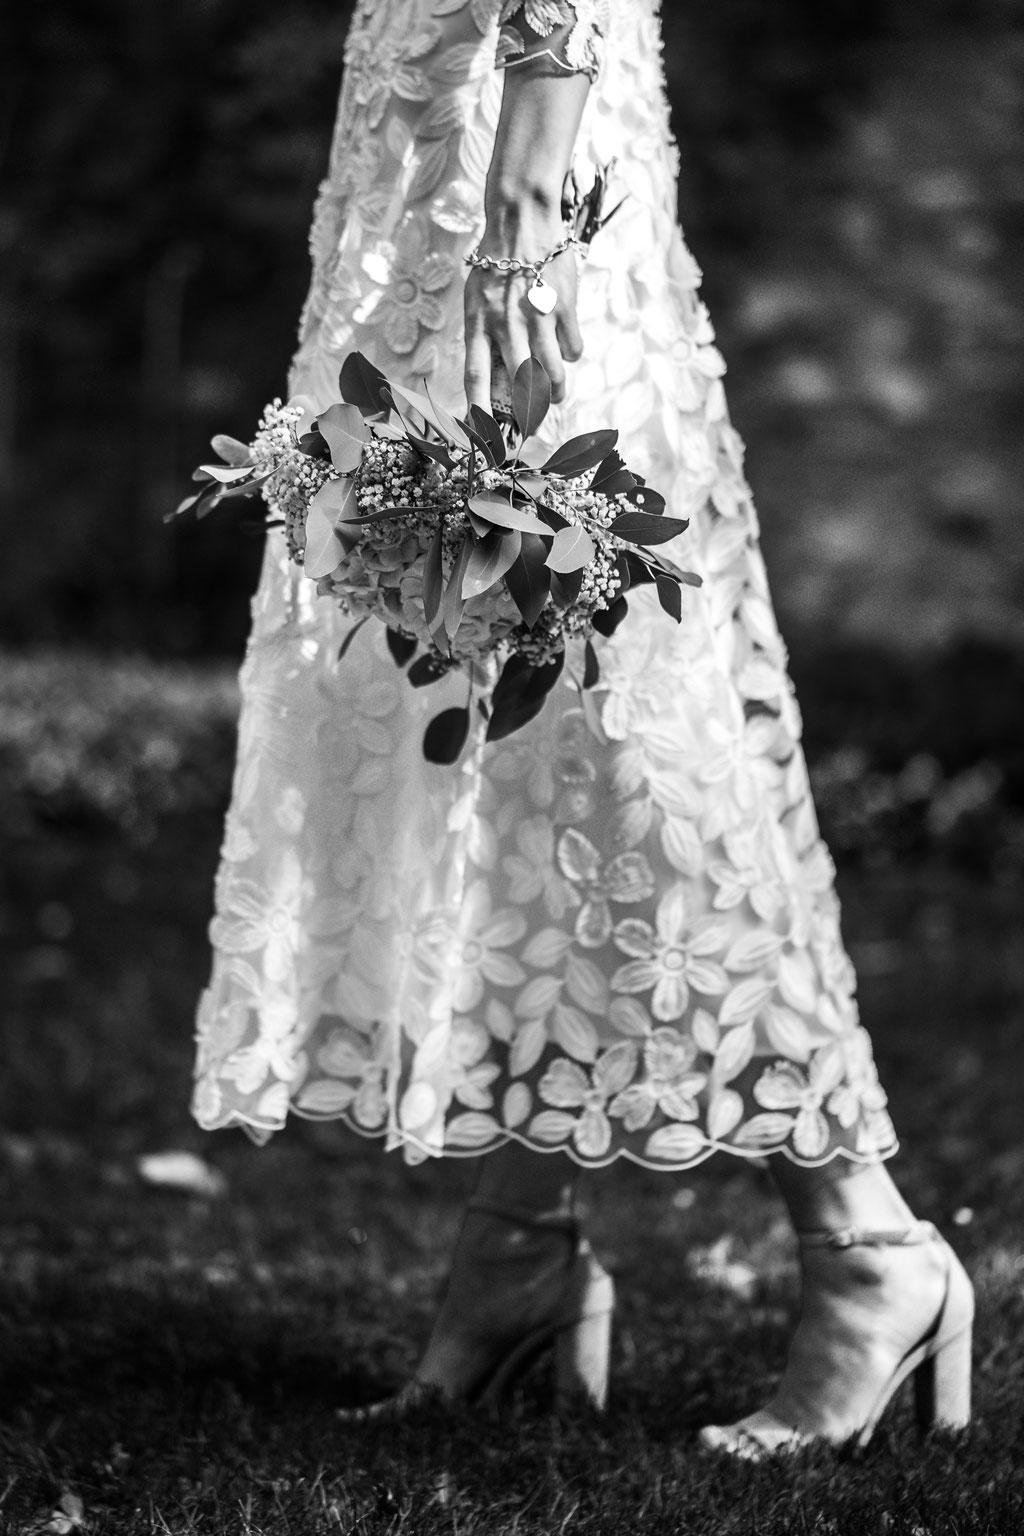 Hochzeitsfotografin Idstein, Brautstrauß modern, Brautstrauß Eukalyptus